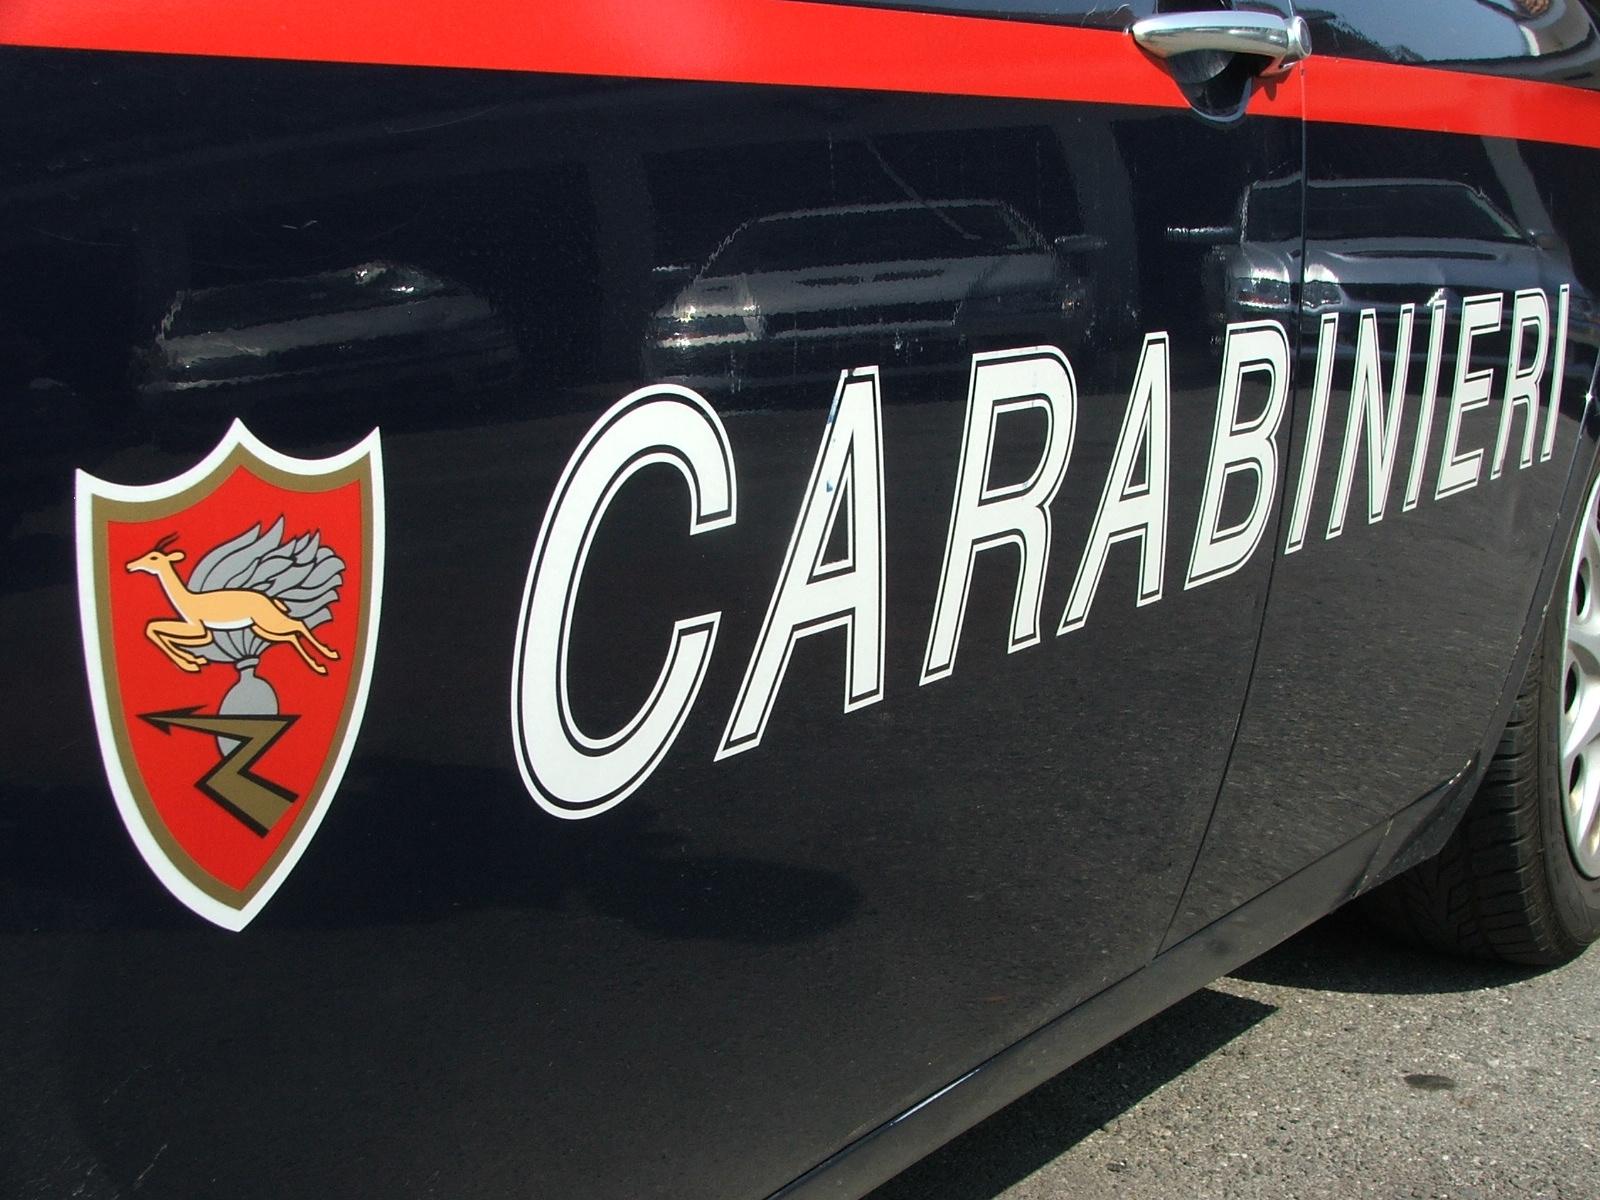 CALUSO - Denunciato un uomo di Carolina per possesso di droga